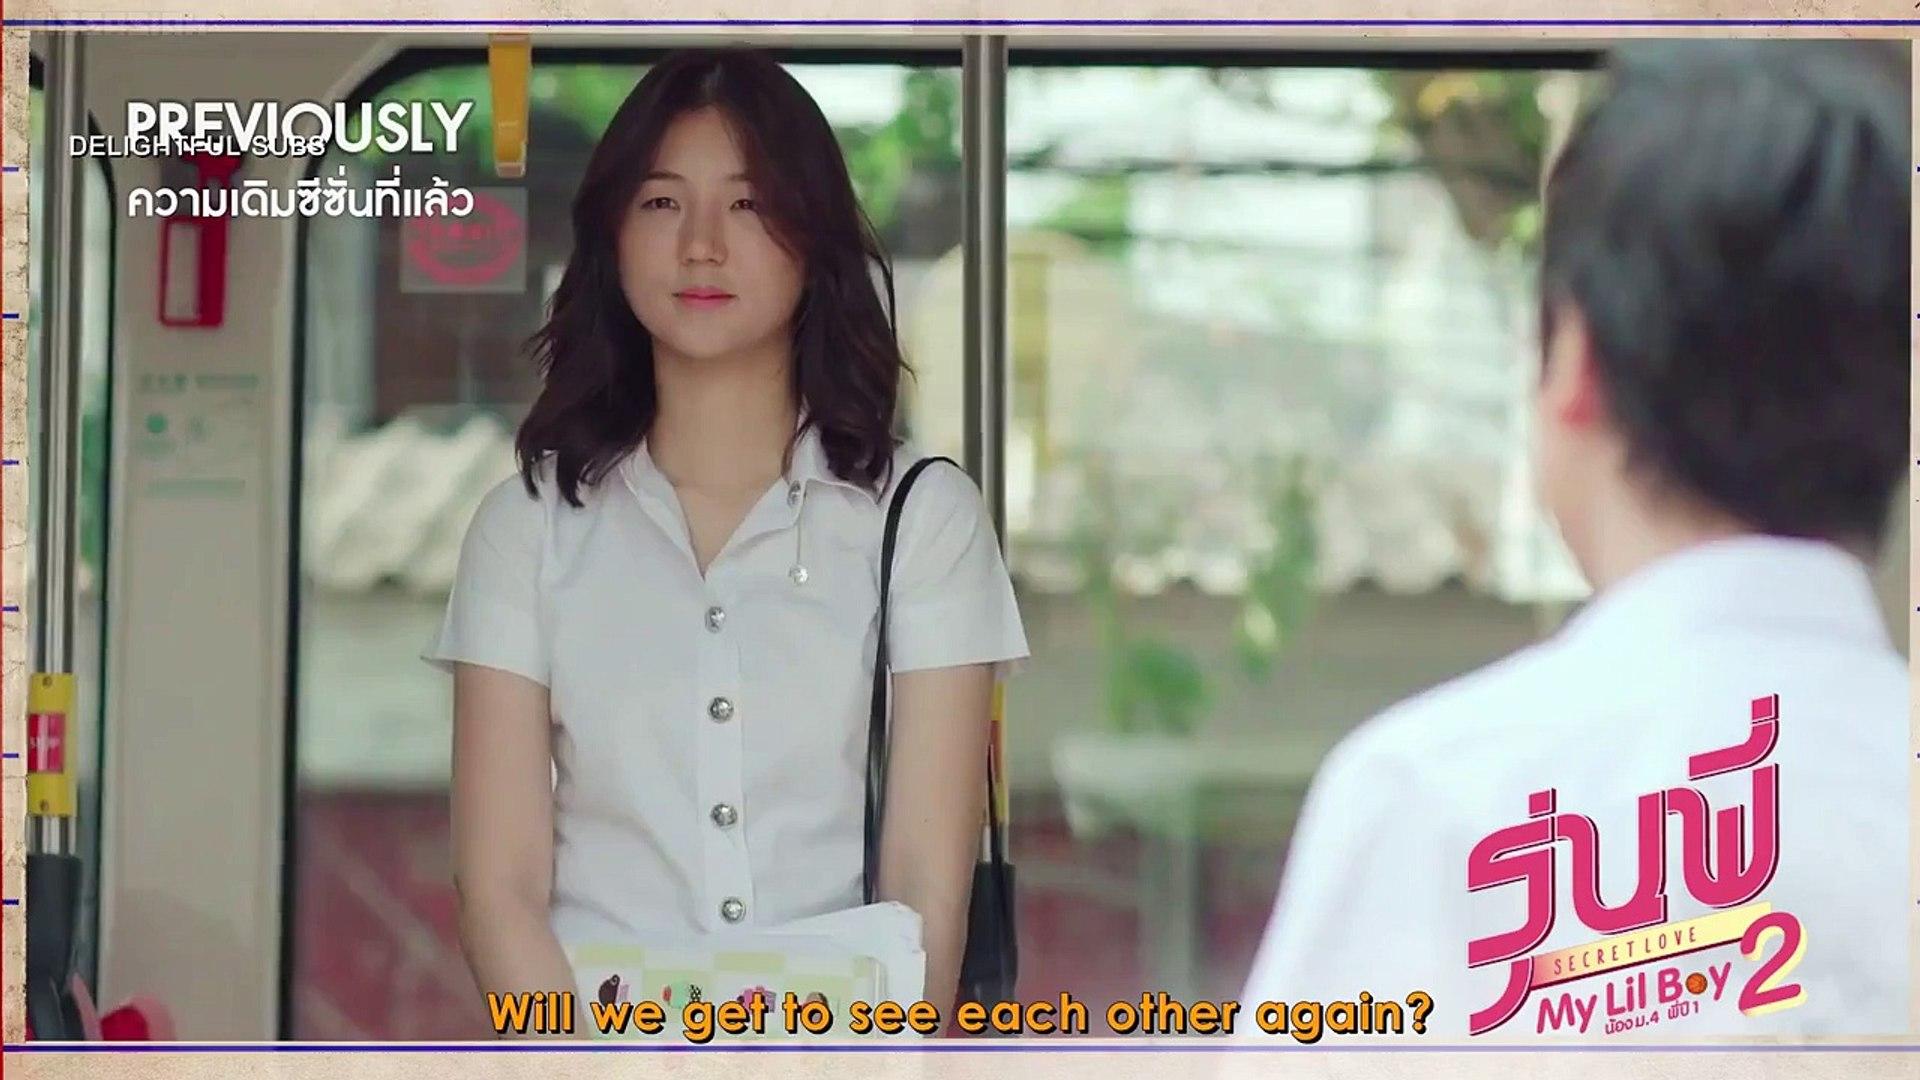 Senior Secret Love: My Lil Boy 2 Episode 1 HD Engsub